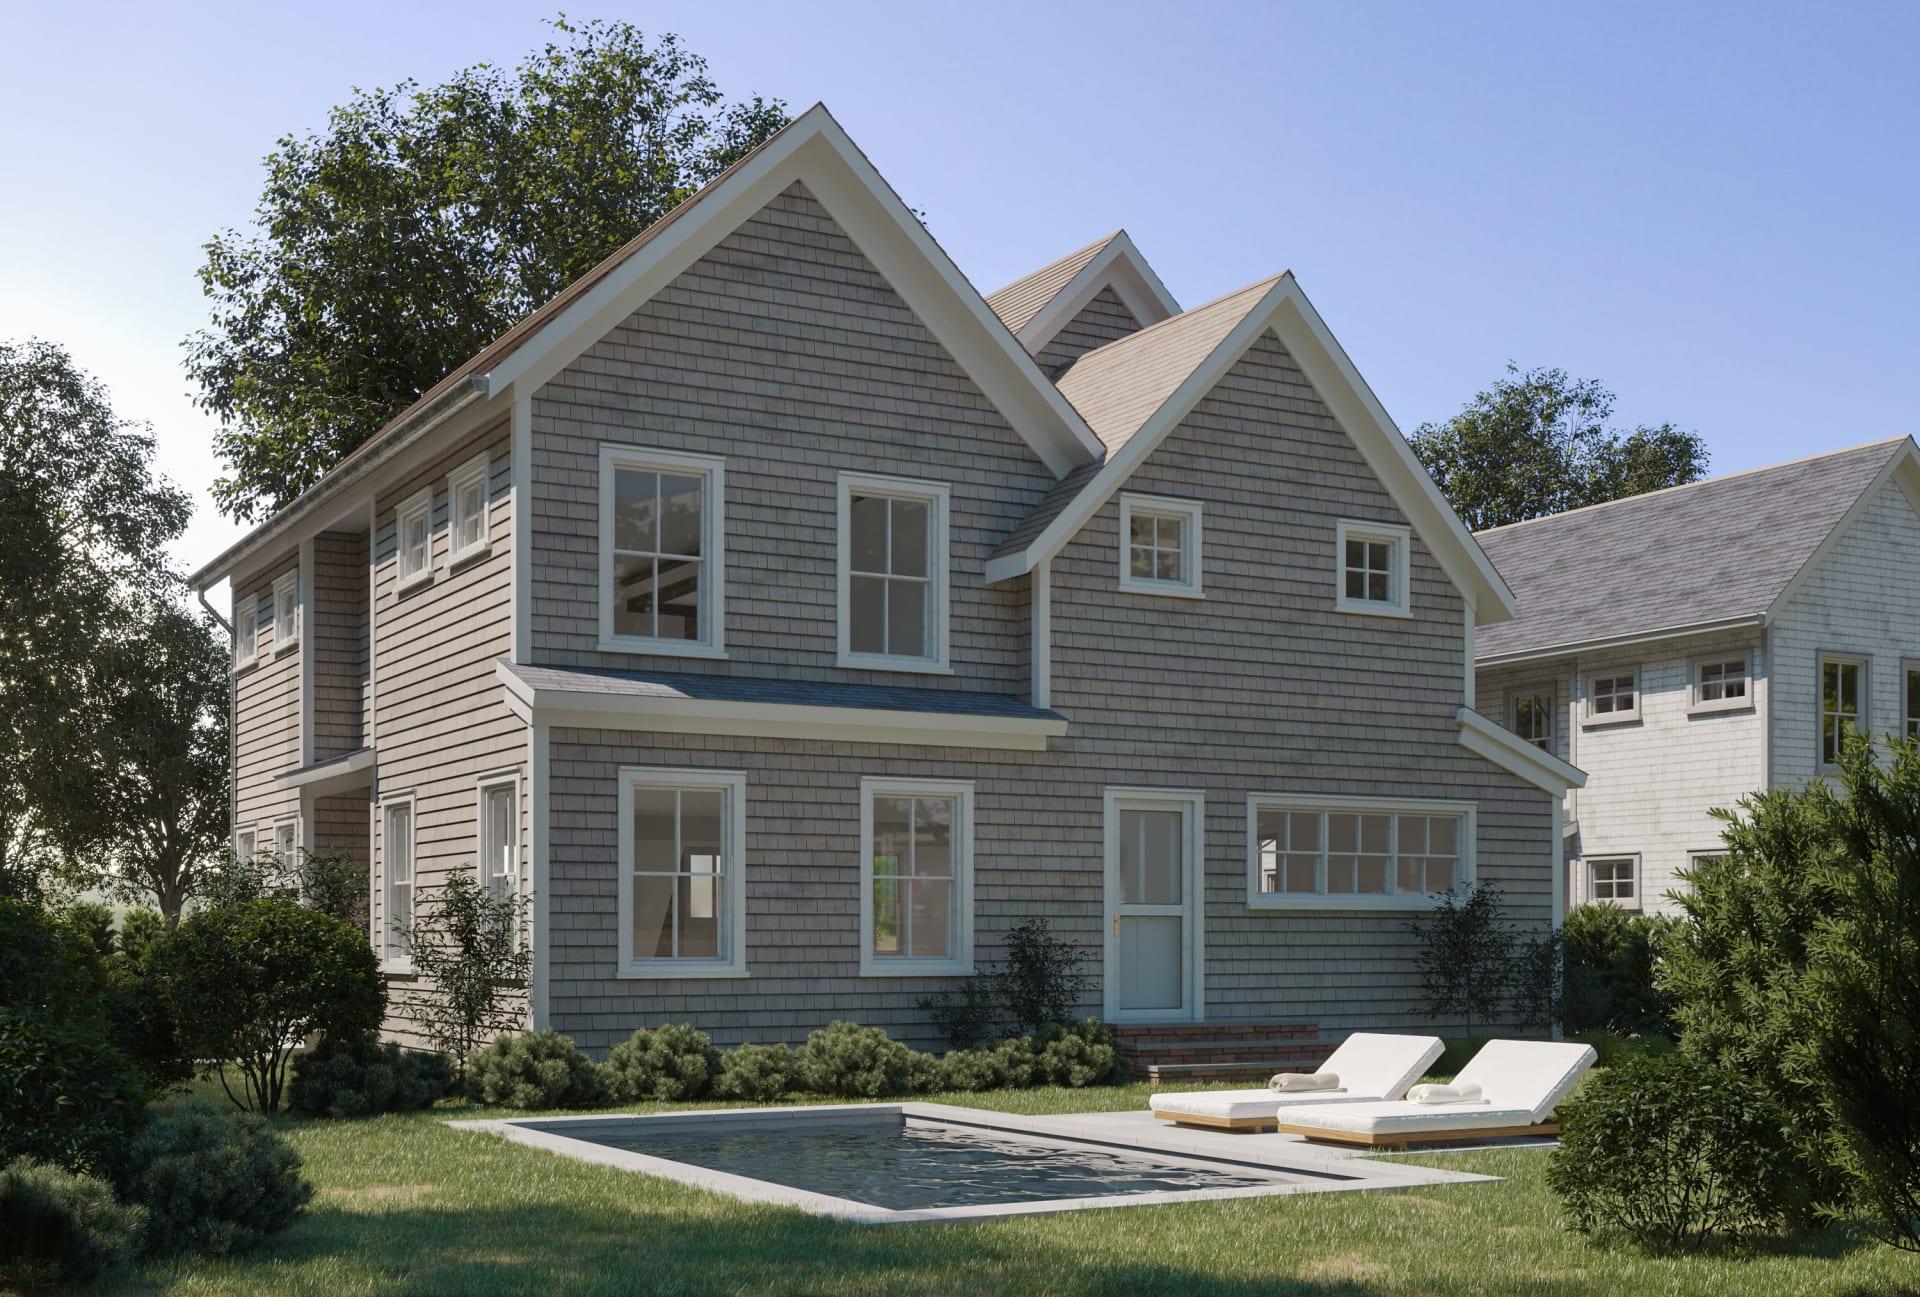 Sag Harbor Village New Development